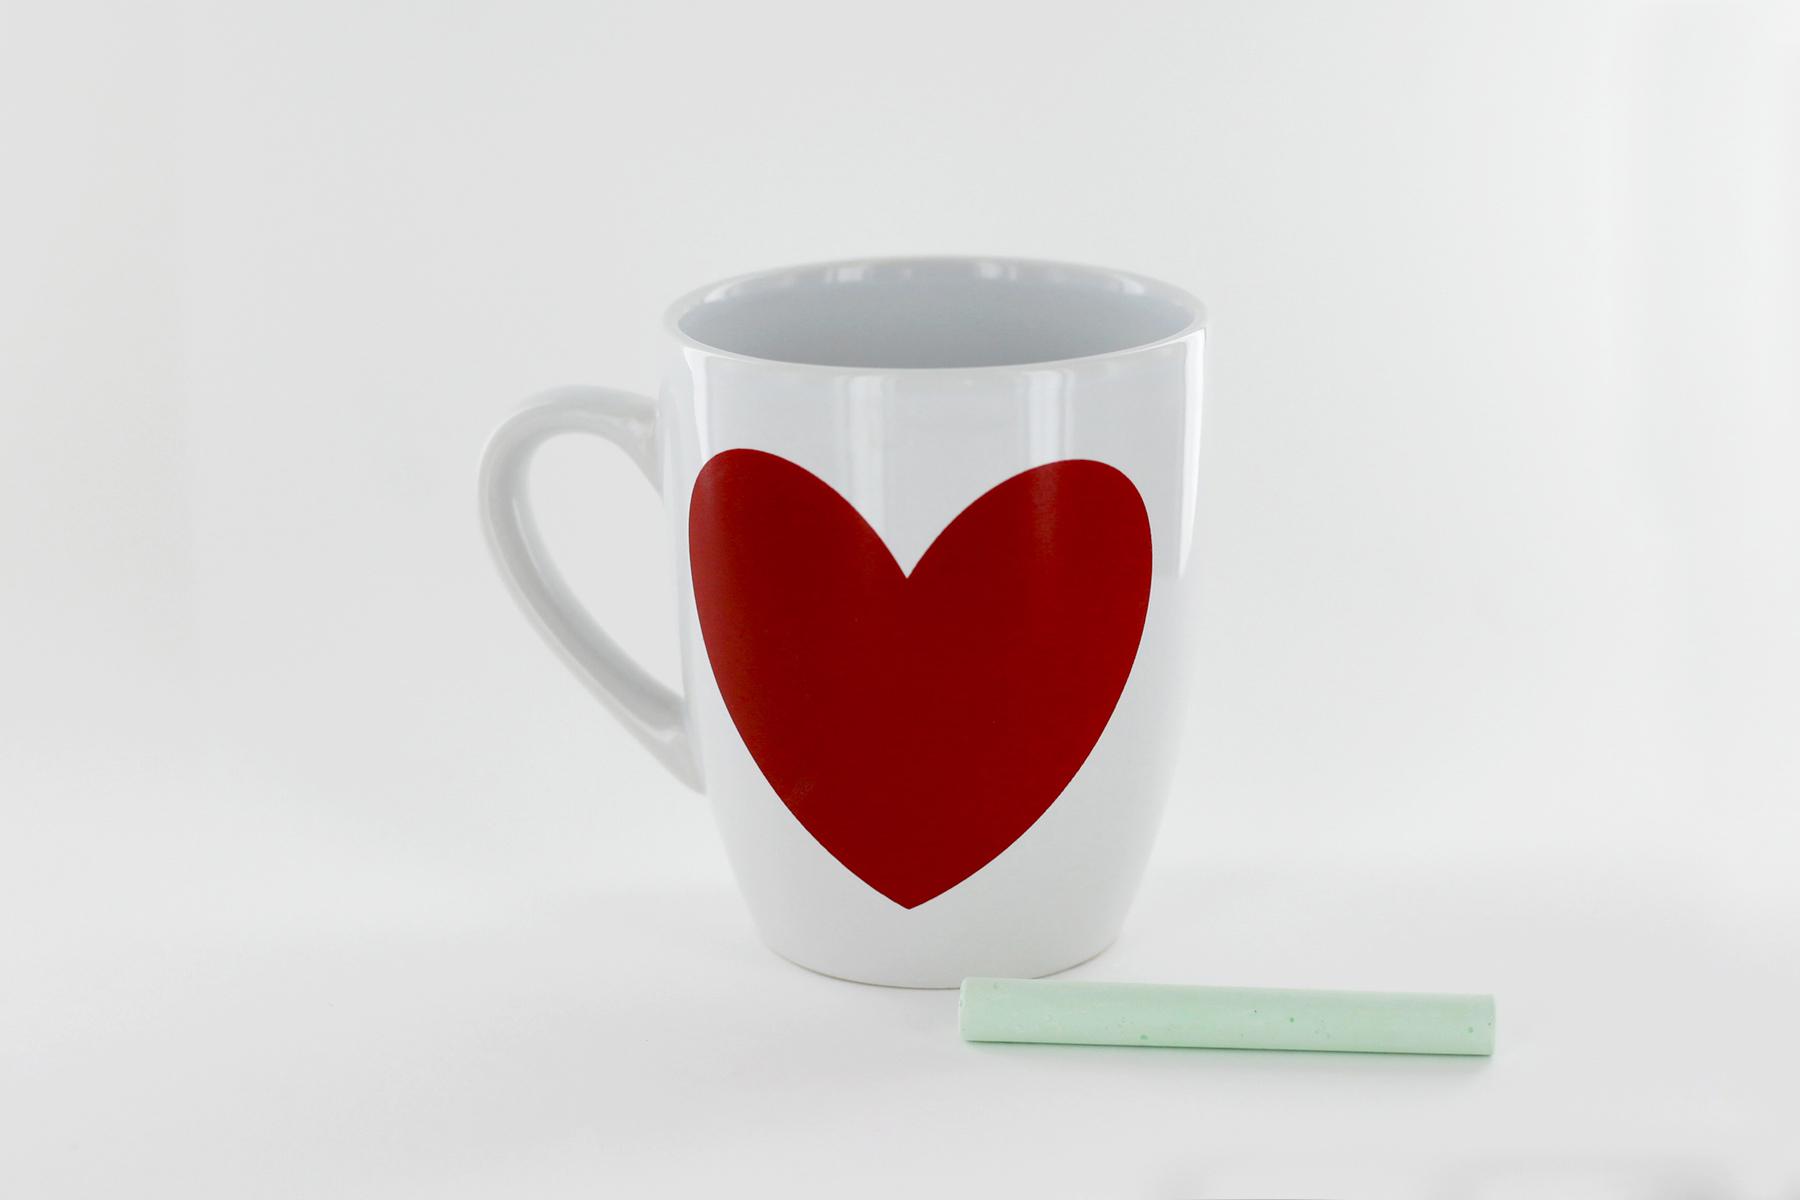 Taza corazón + tiza color